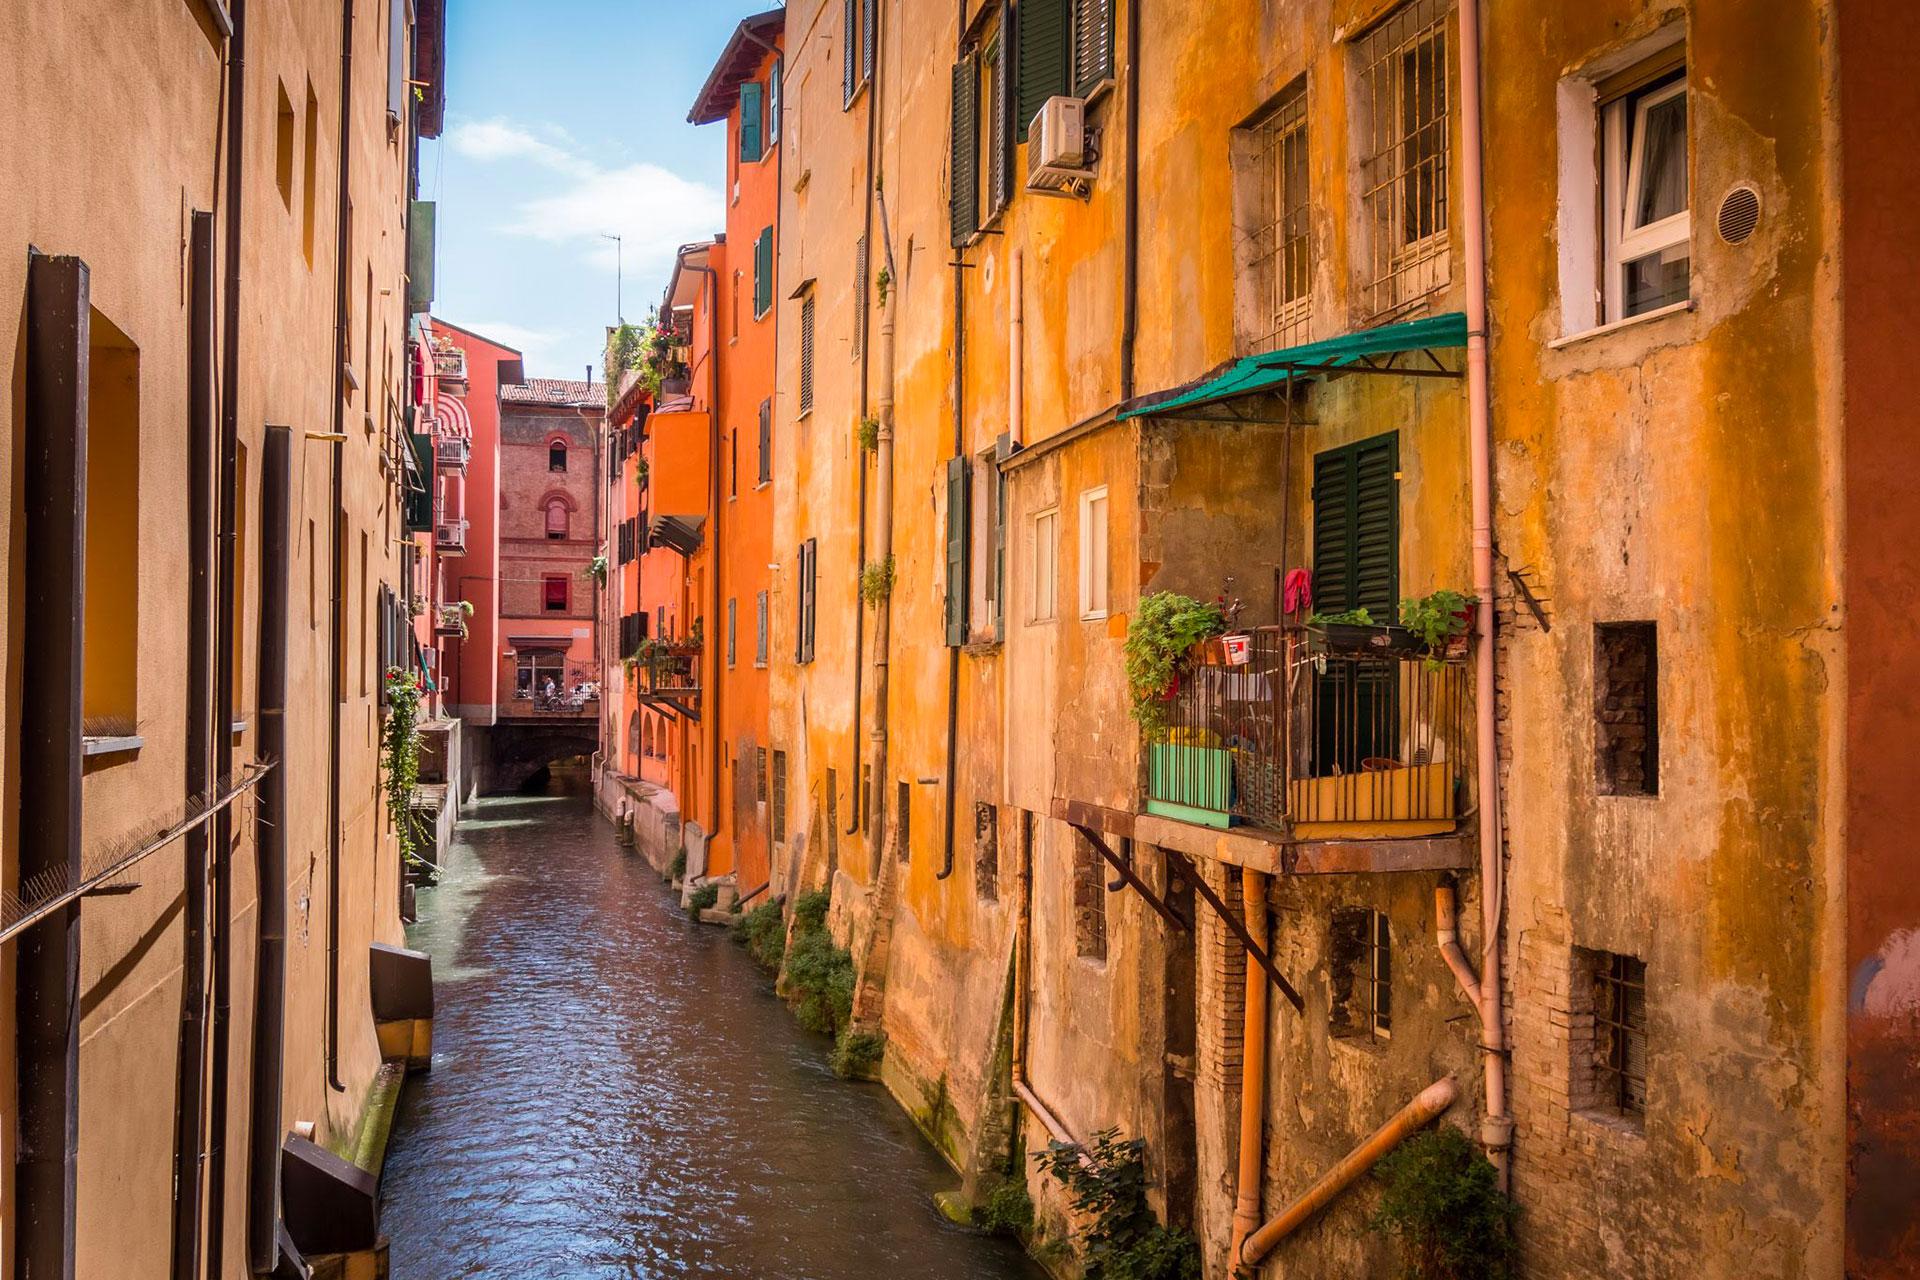 I 10 Segreti Di Bologna: Le Incredibili Storie Che Forse Nessuno Vi Ha Mai Raccontato